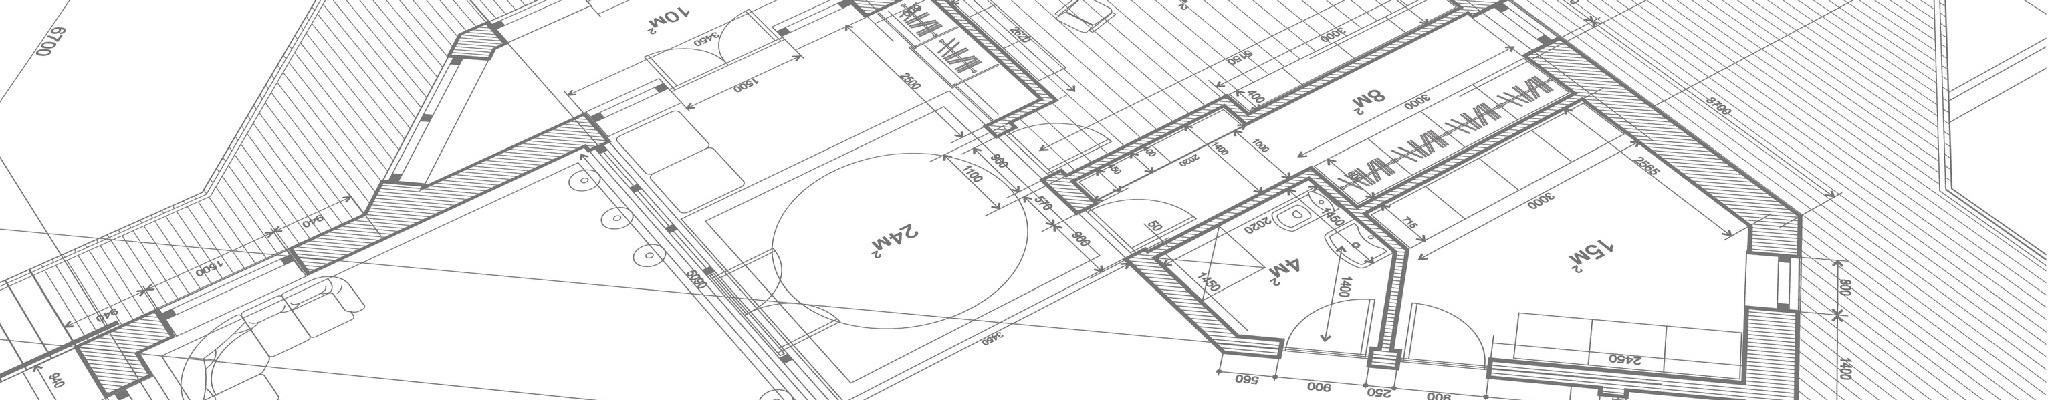 Bauzeichnung Architektur